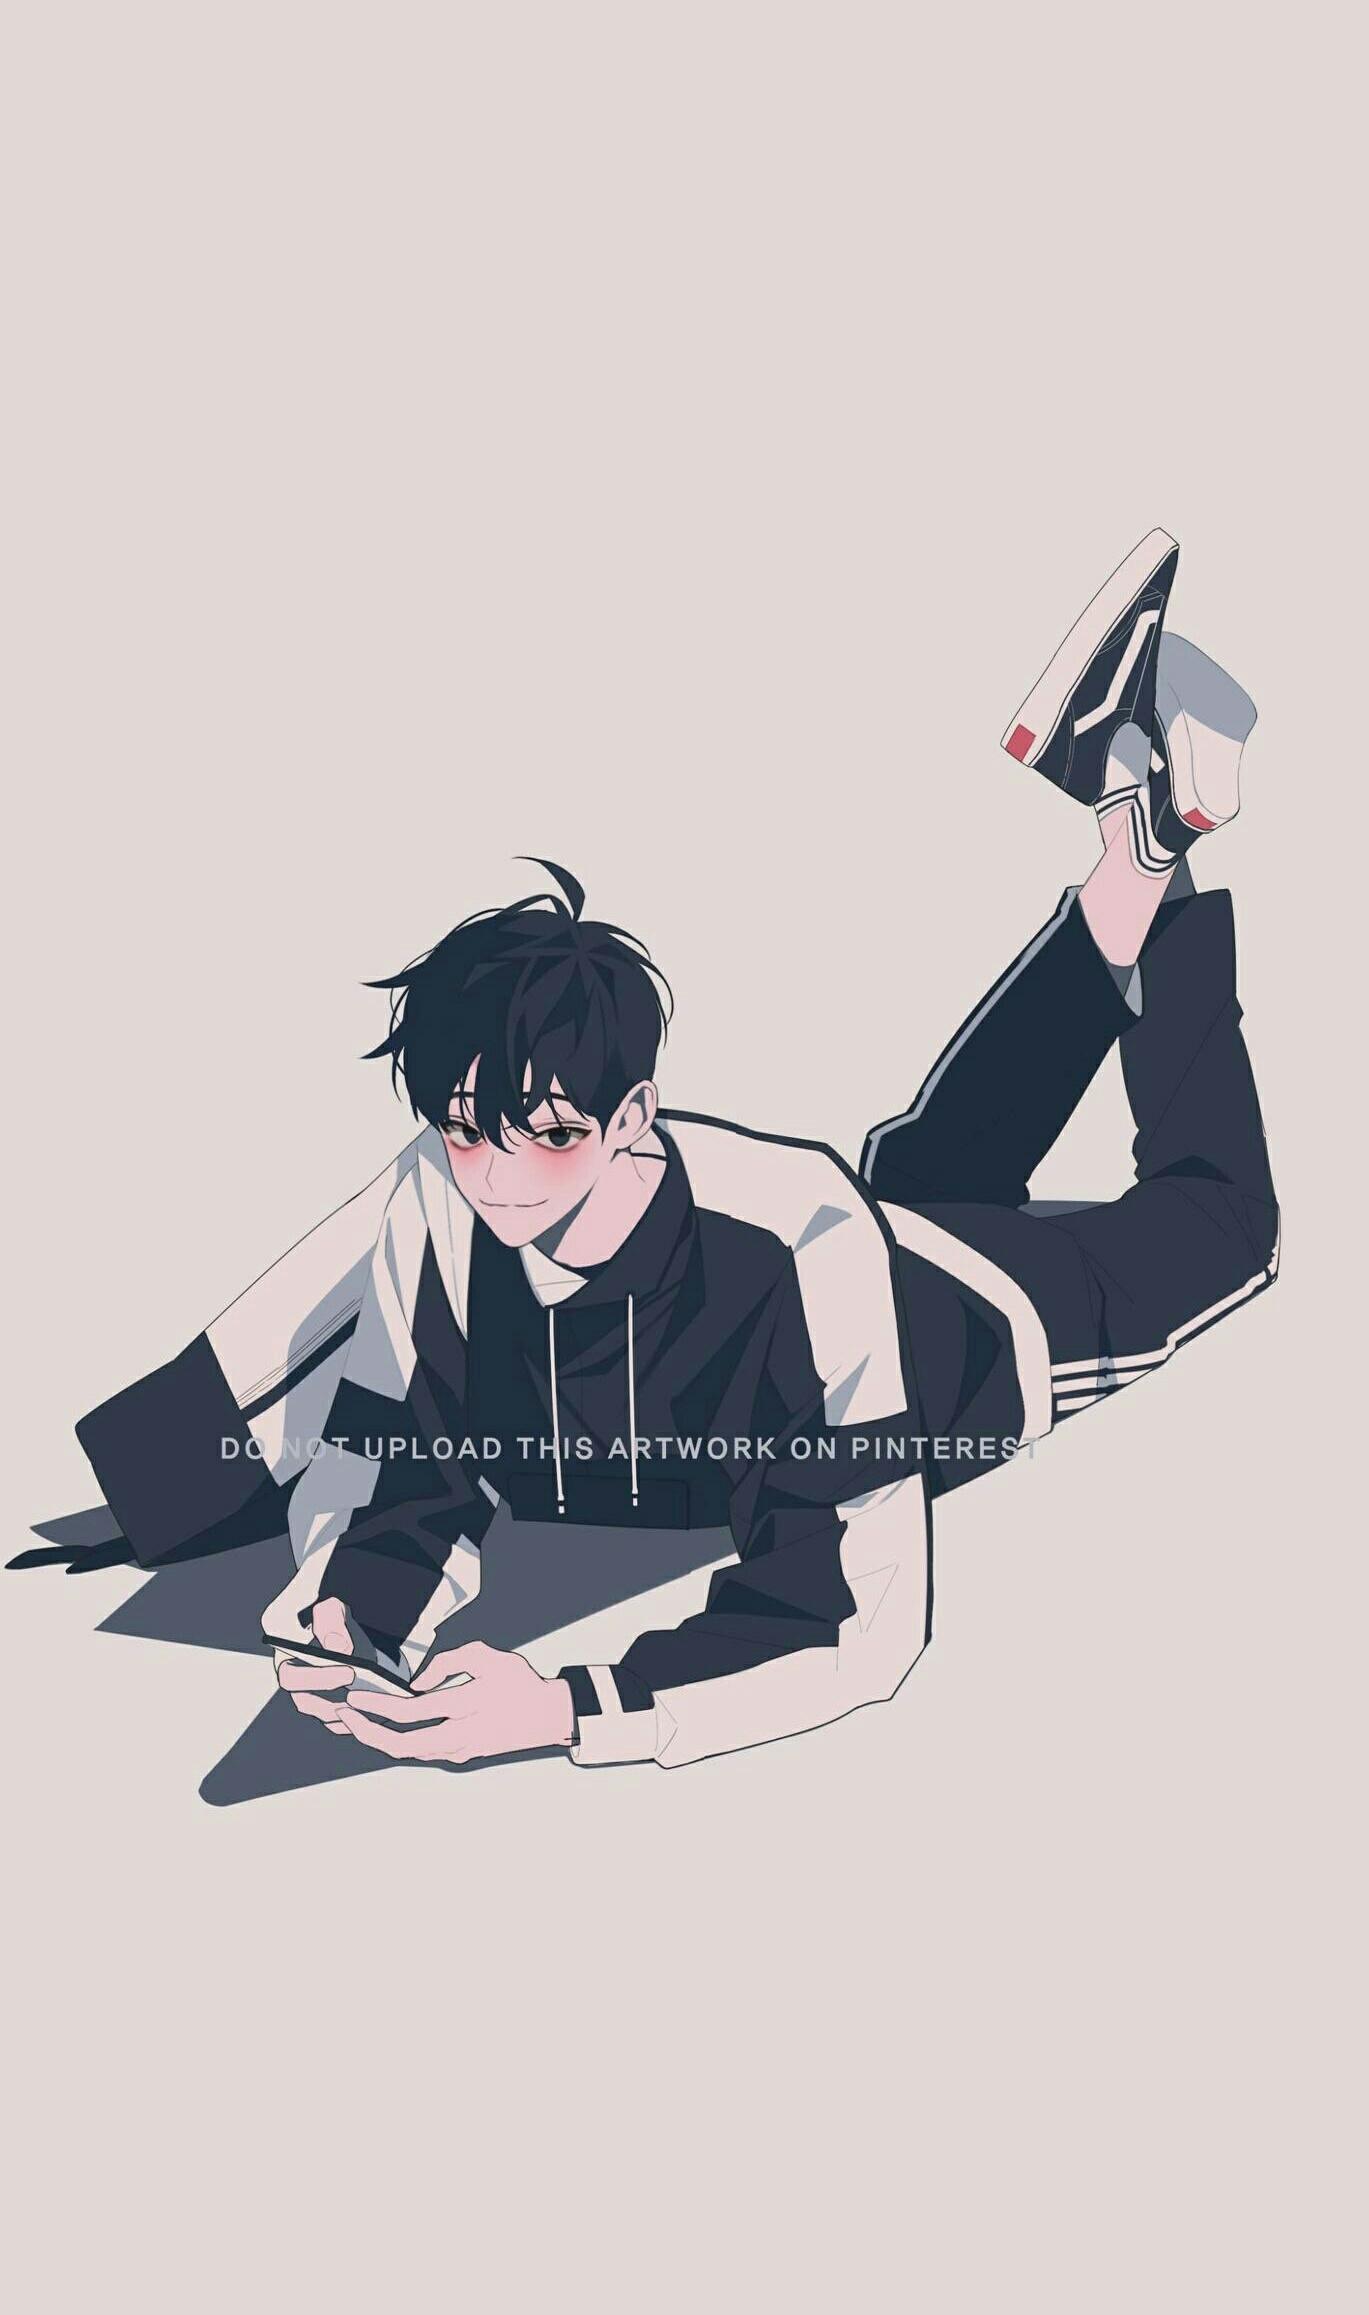 [病娇男孩]韩国画师inplick图片